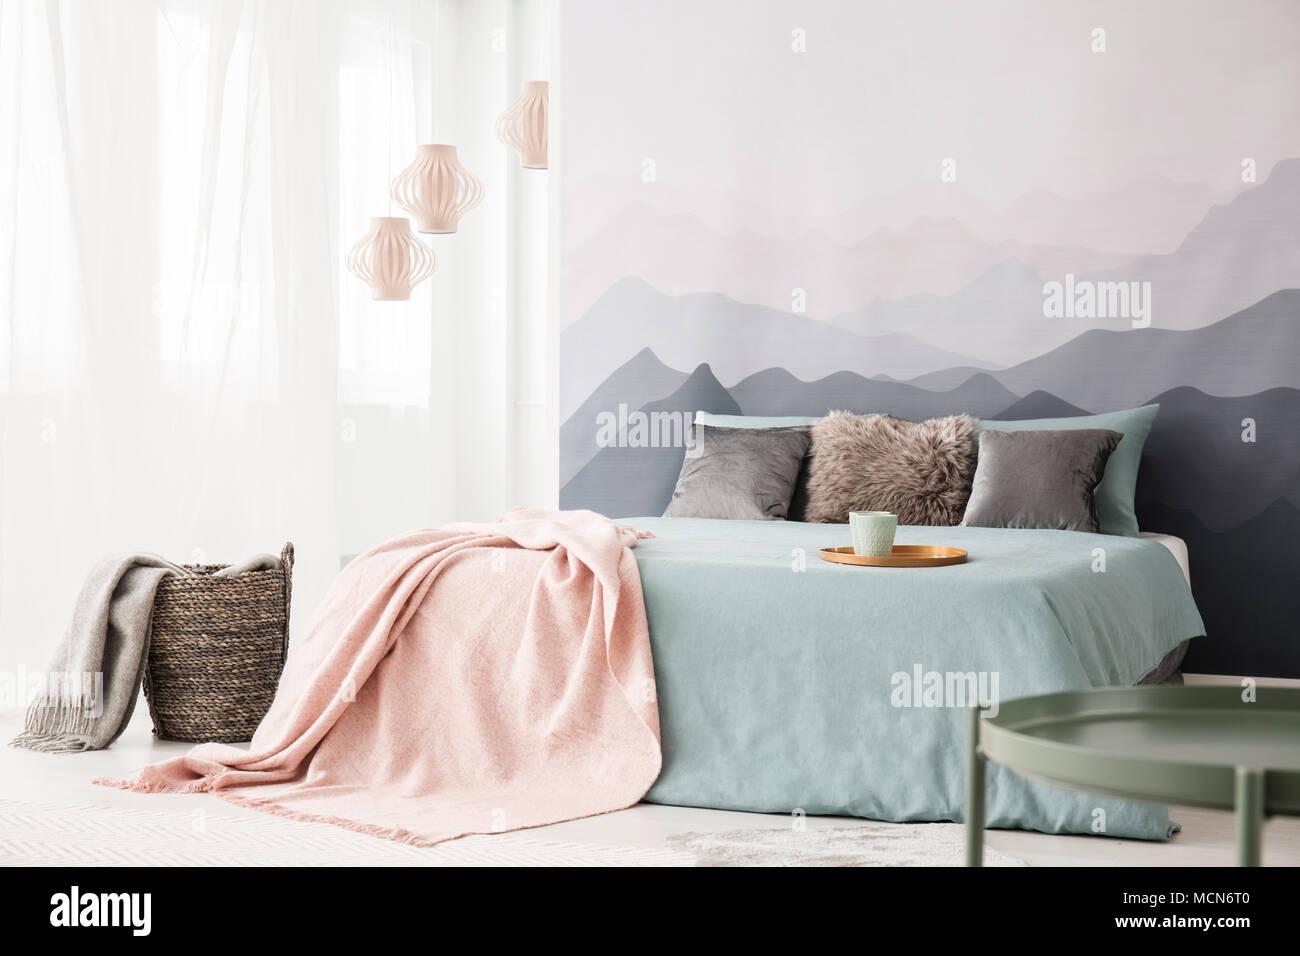 Warenkorb neben dem bett mit rosa decke in pastelltönen schlafzimmer